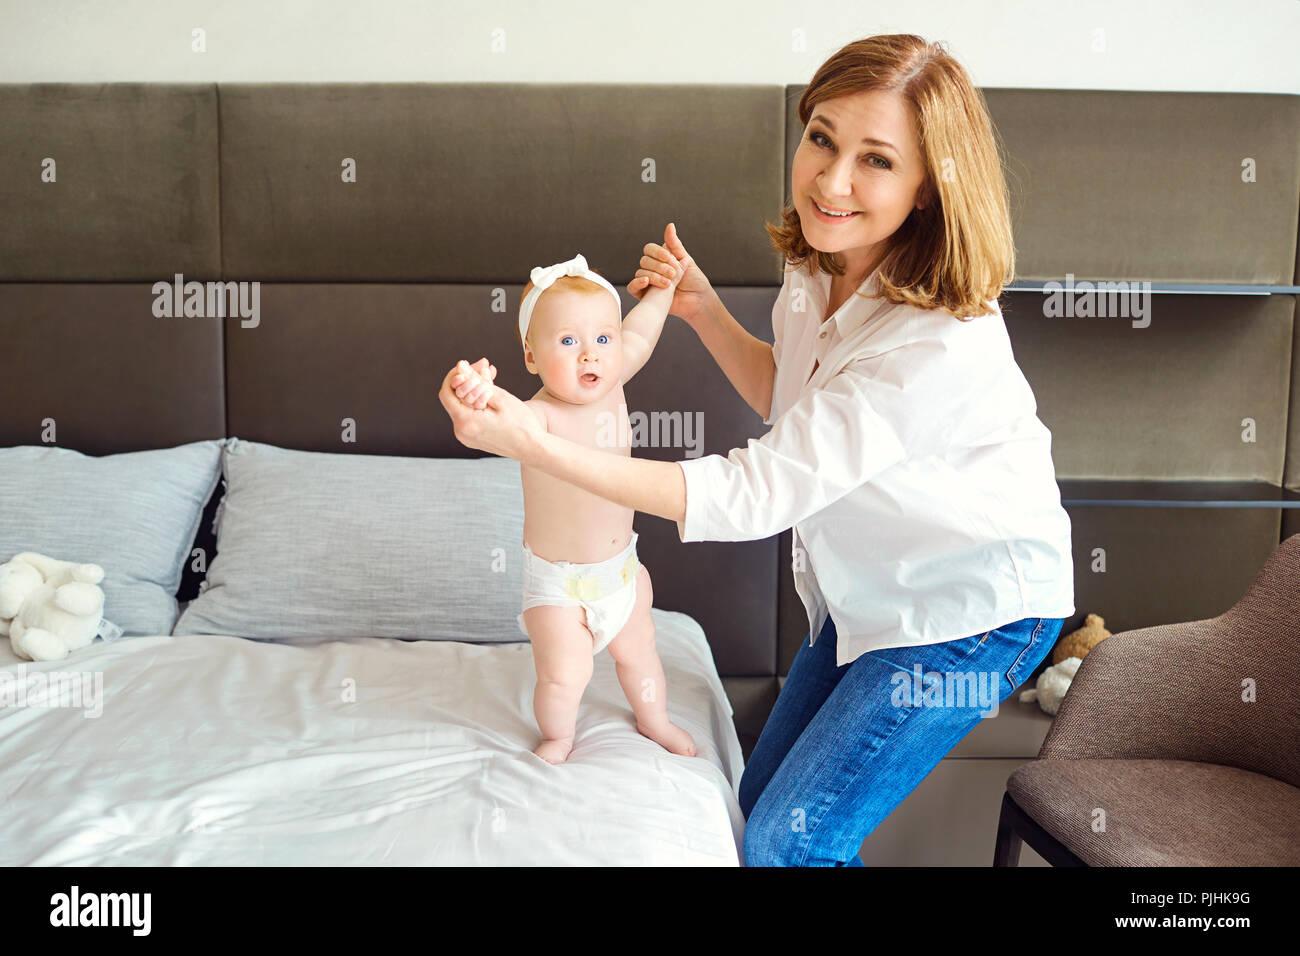 Una feliz abuela juega con un bebé nieto en la cama. Imagen De Stock